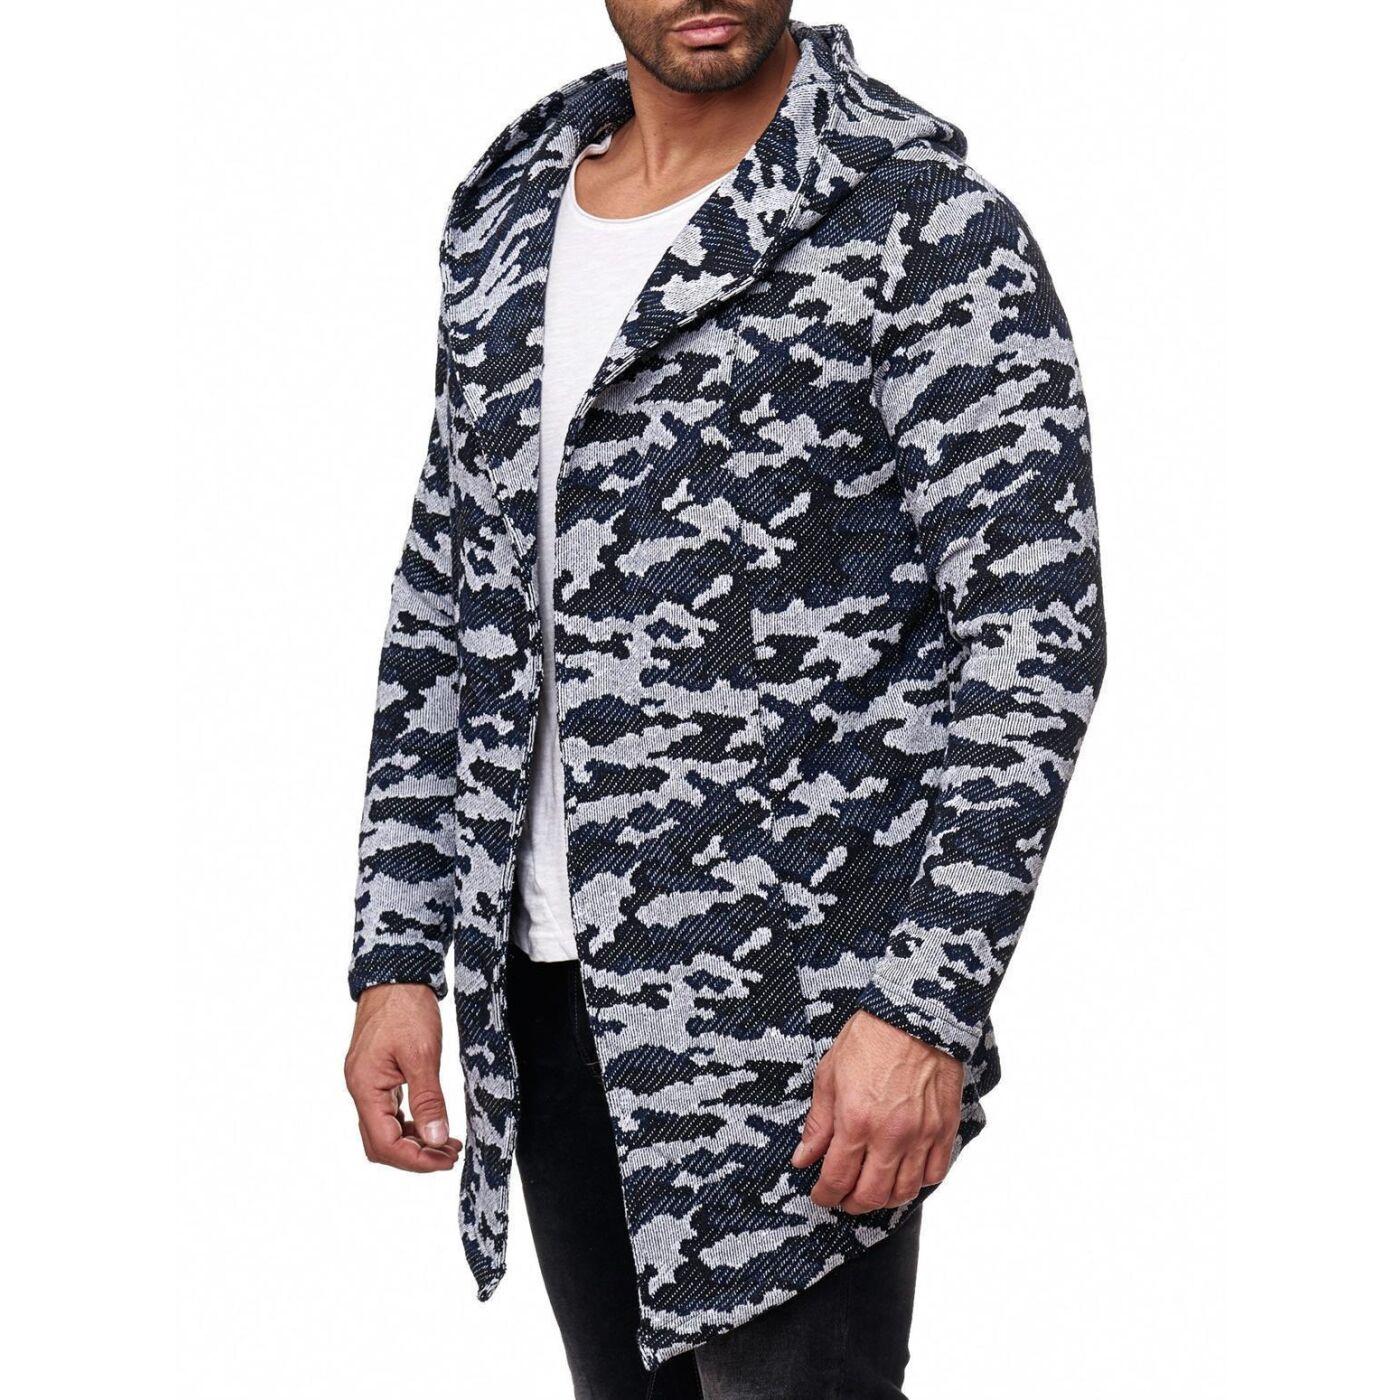 Kapuze Strickjacke Sweatshirt ohne Basic Winter Reißverschluss zu Details Herren Pullover tCsQrhdxB